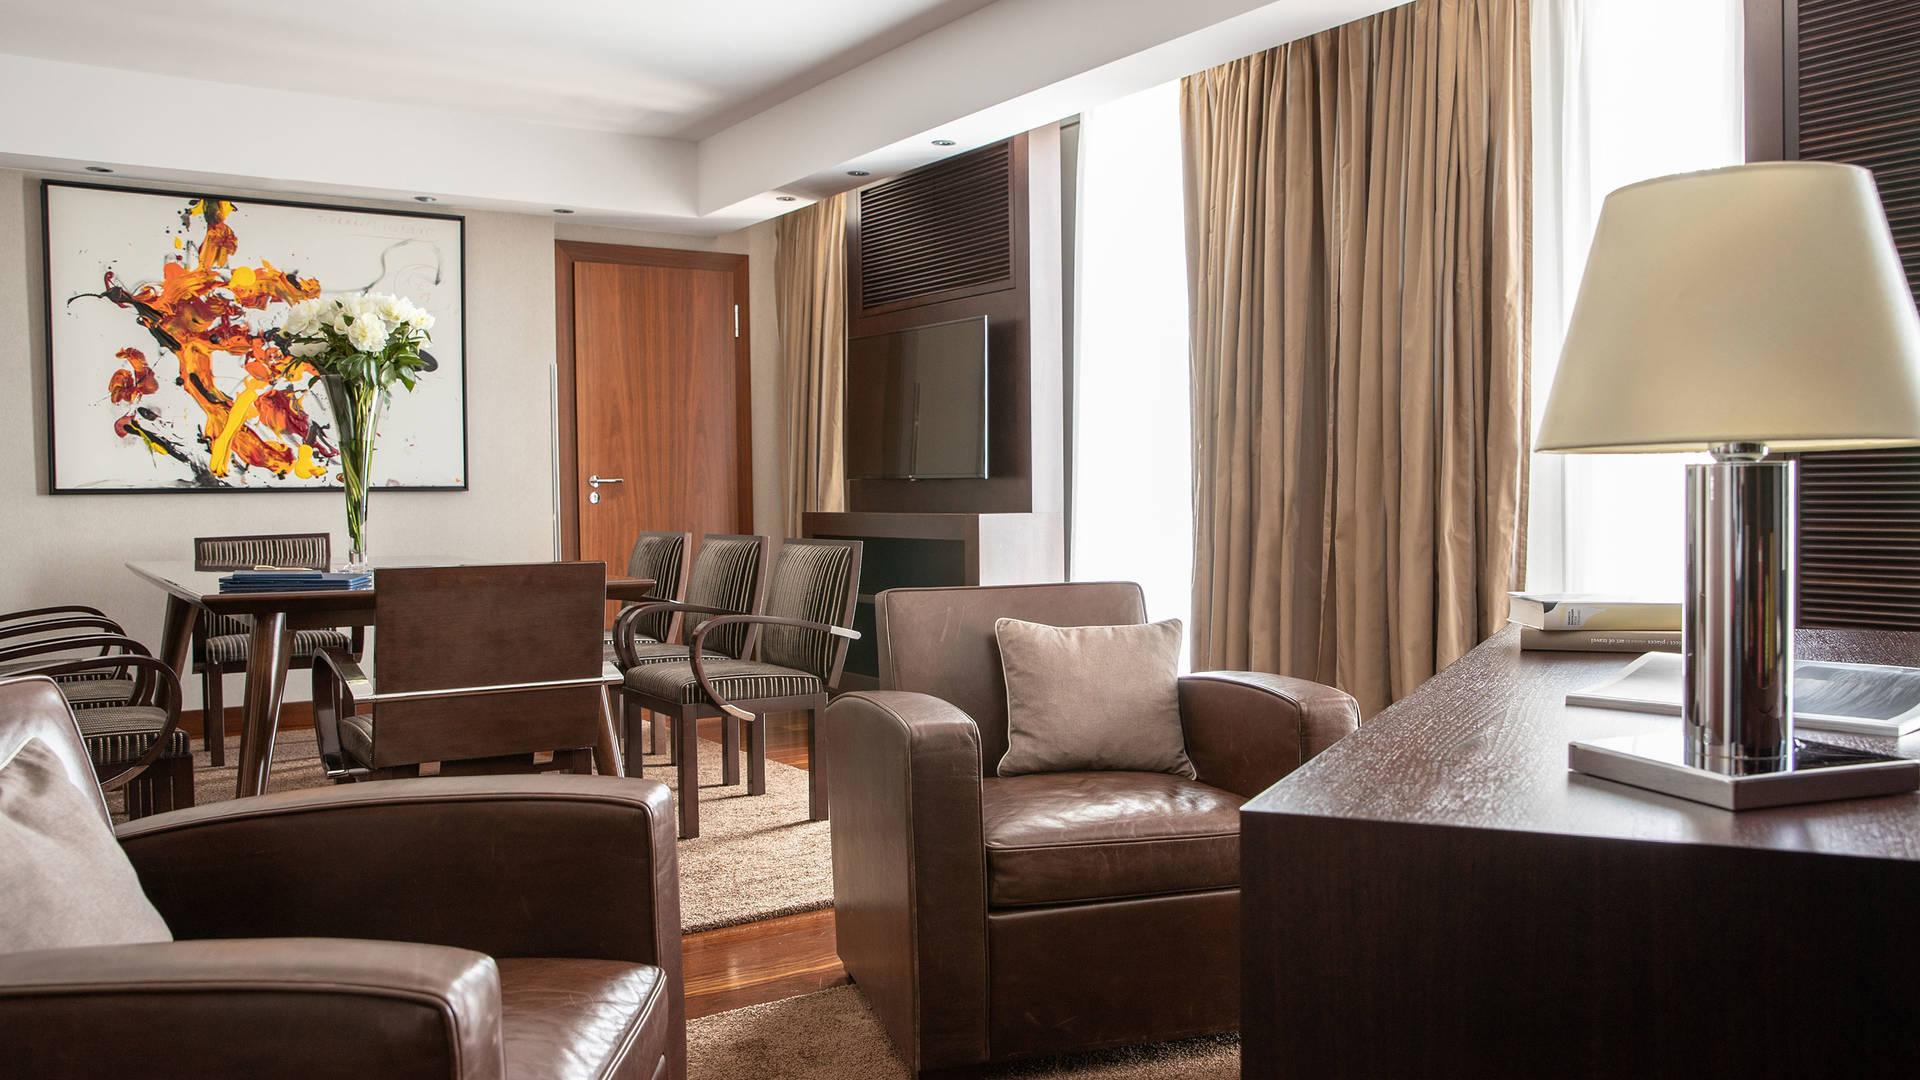 Jumeirah Frankfurt Presidential suite livingroom 4_16-9